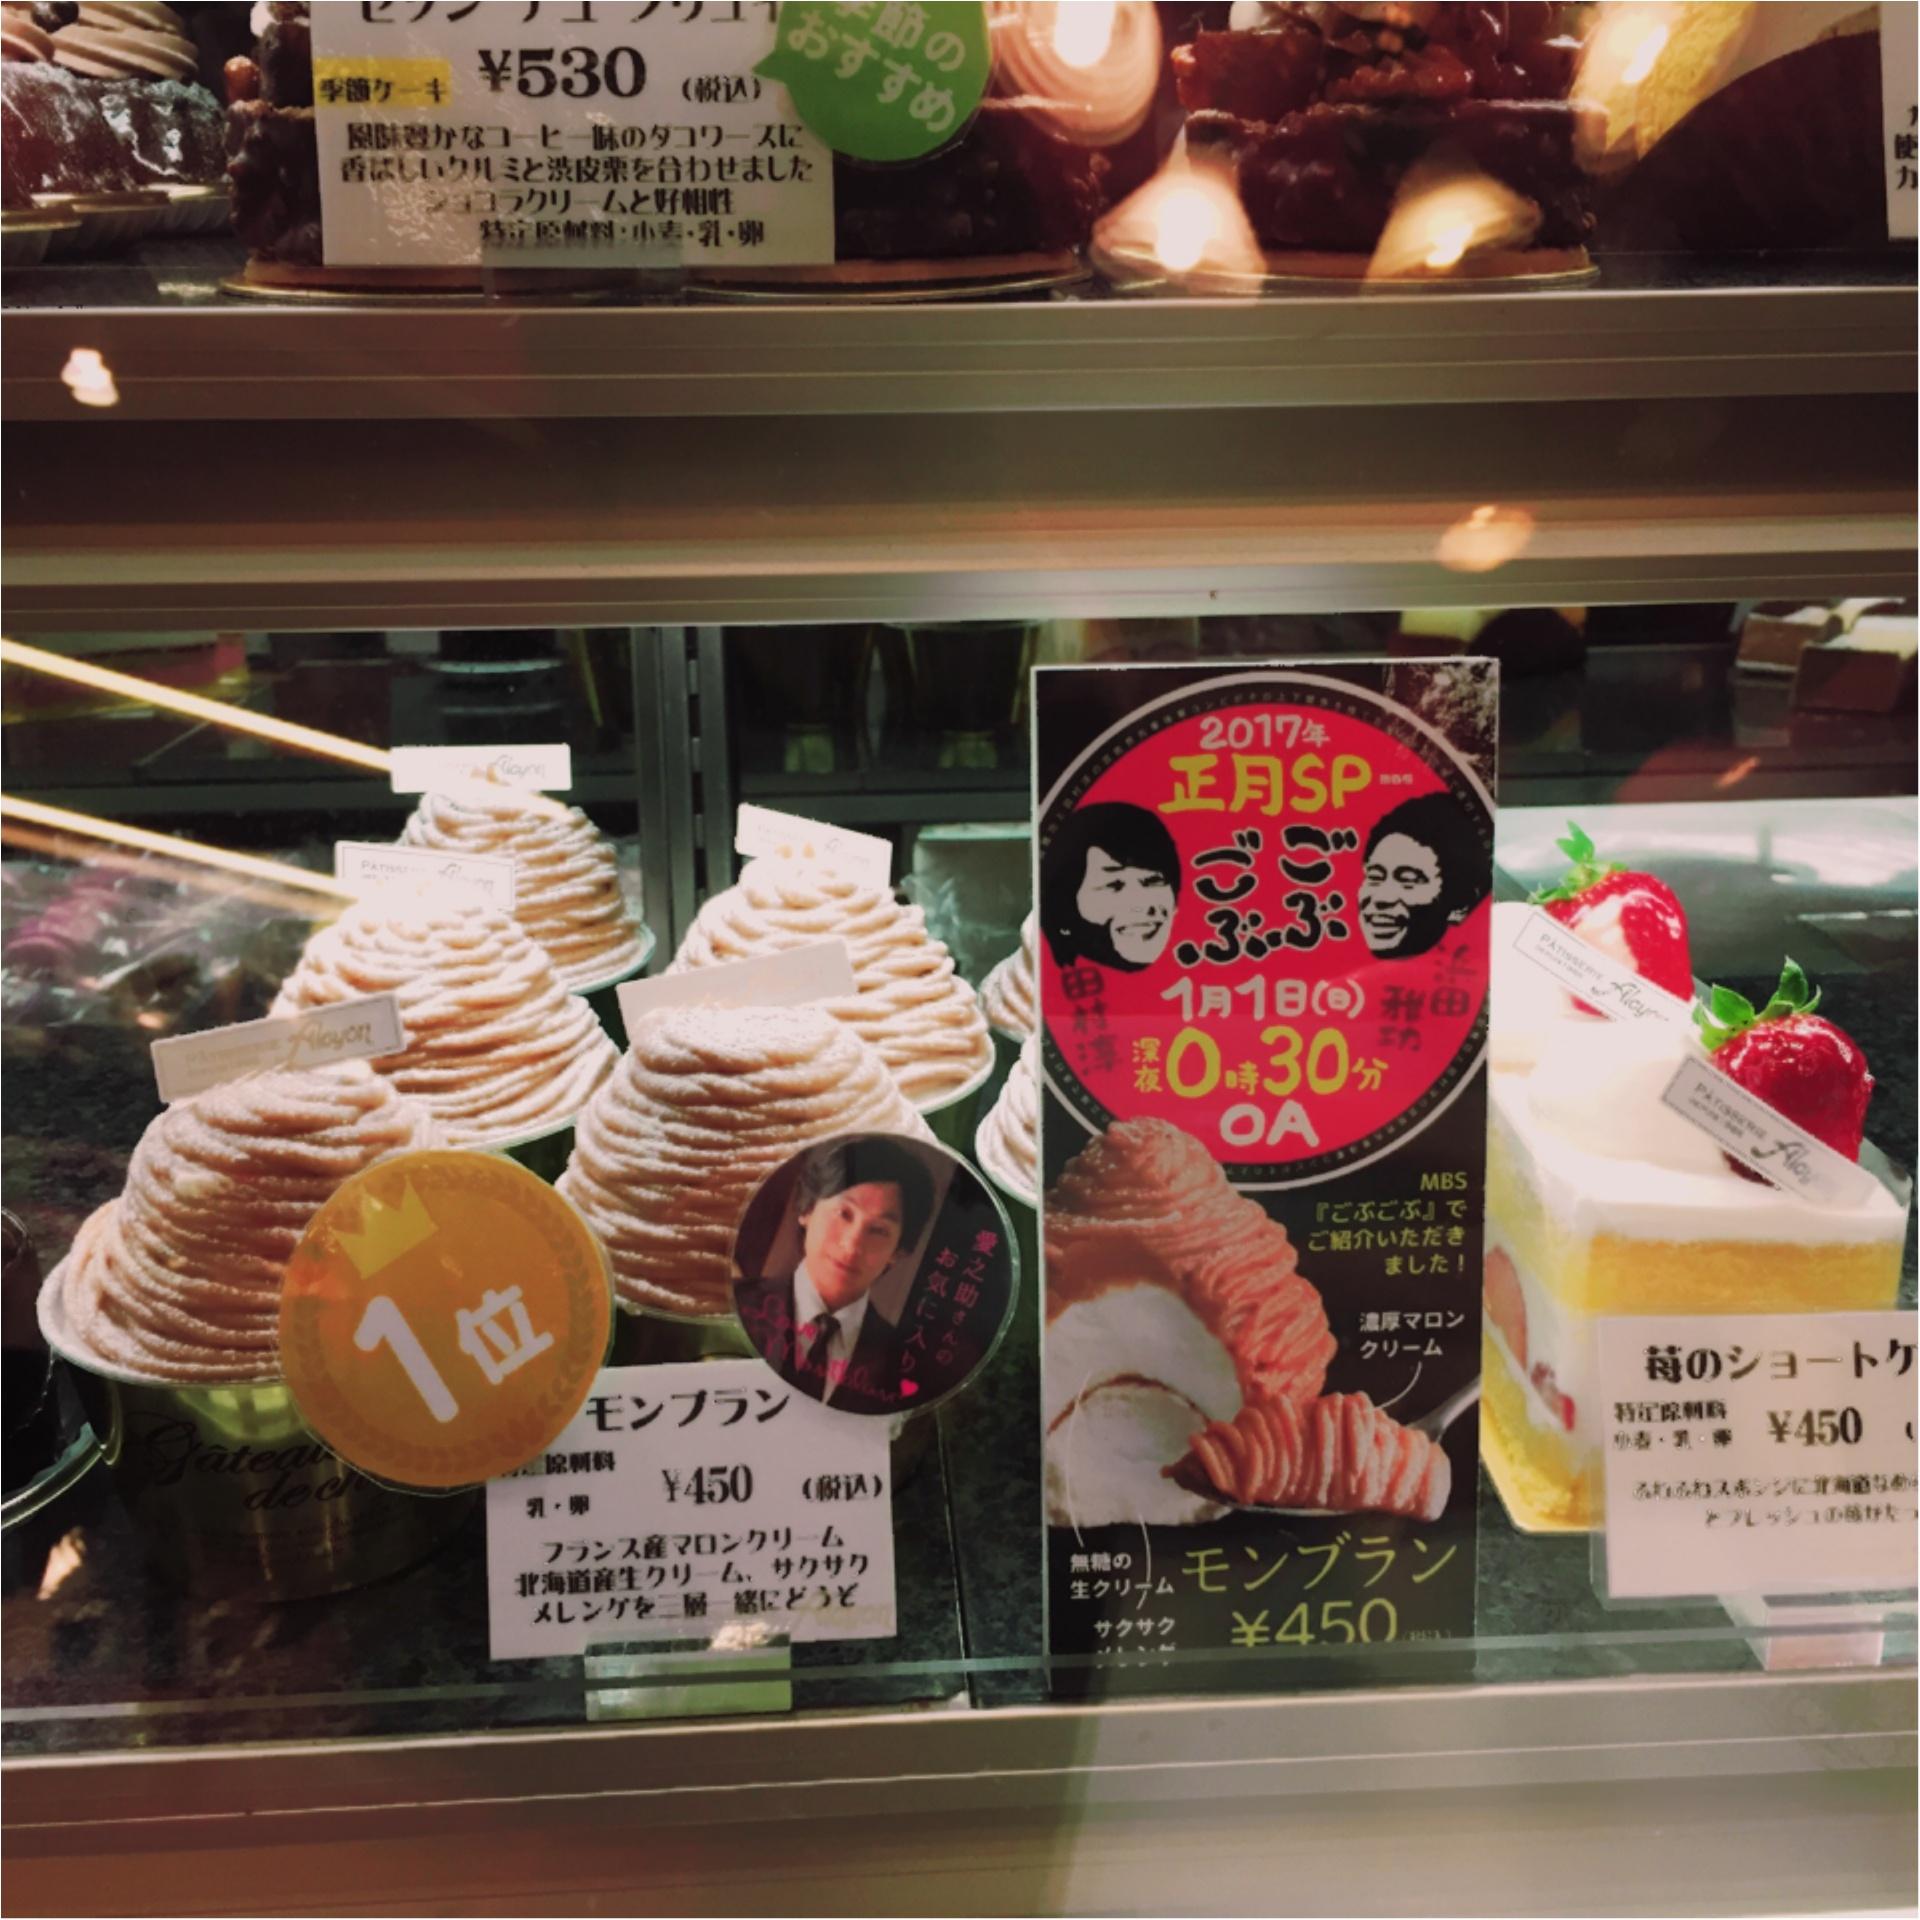 超濃厚&クリーミィ♡TVでも紹介された、大阪なんばの実力派モンブラン_3